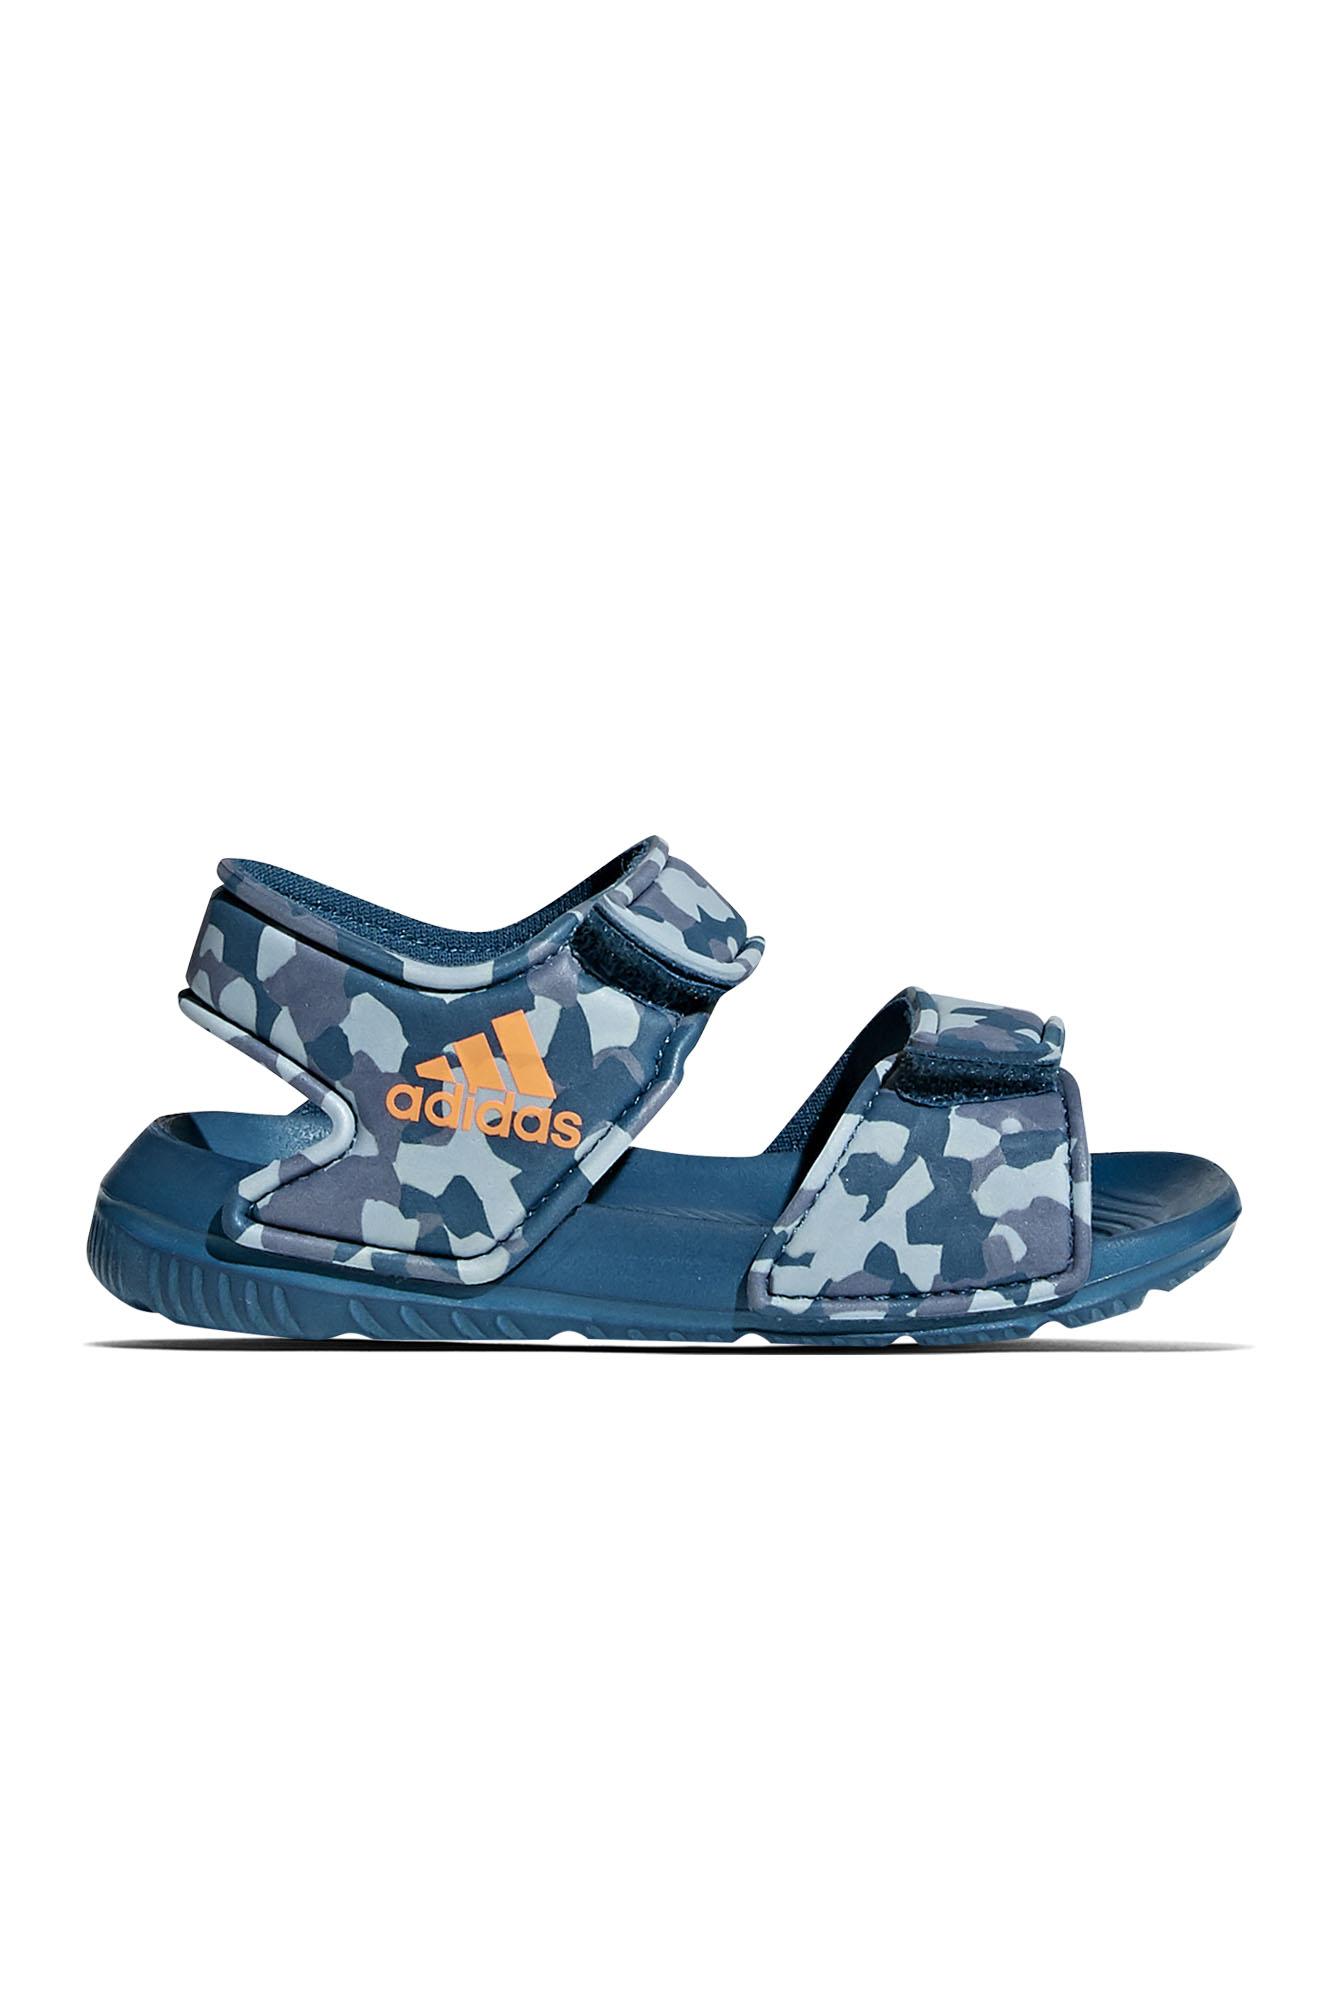 aaab76c0a16 Sandały adidas Altaswim I - CQ0053   Na co dzień   Buty   Dziecięce ...